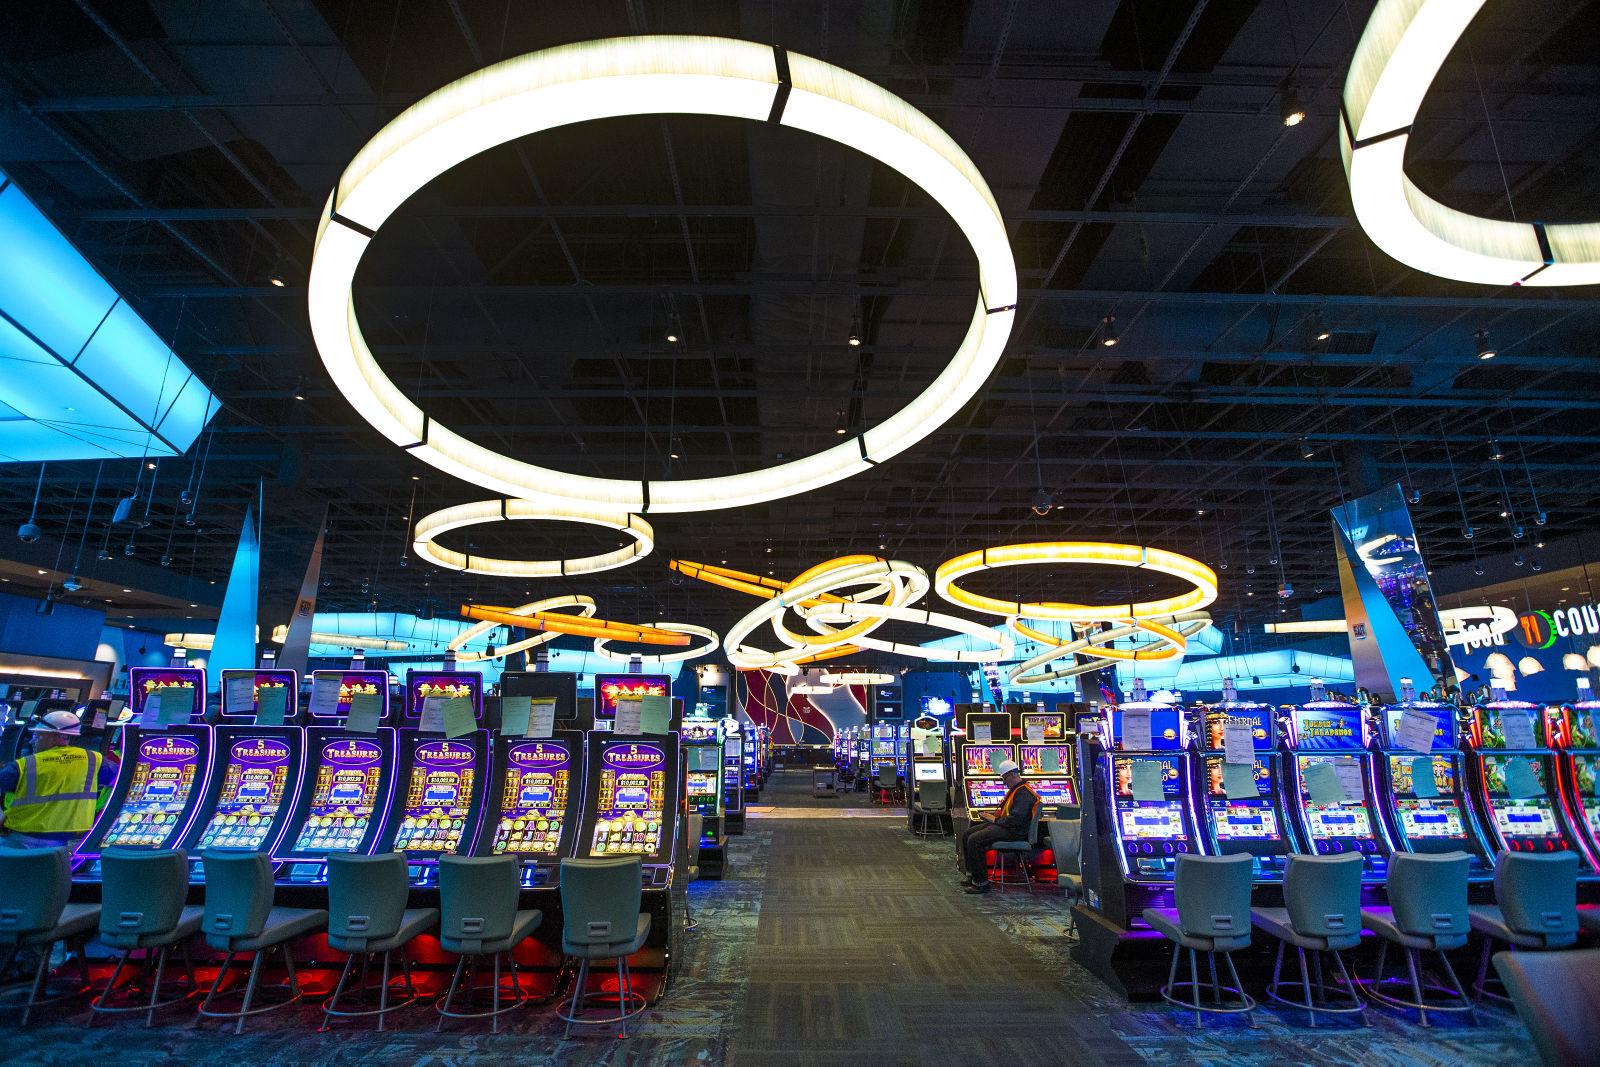 Harrahs gambling